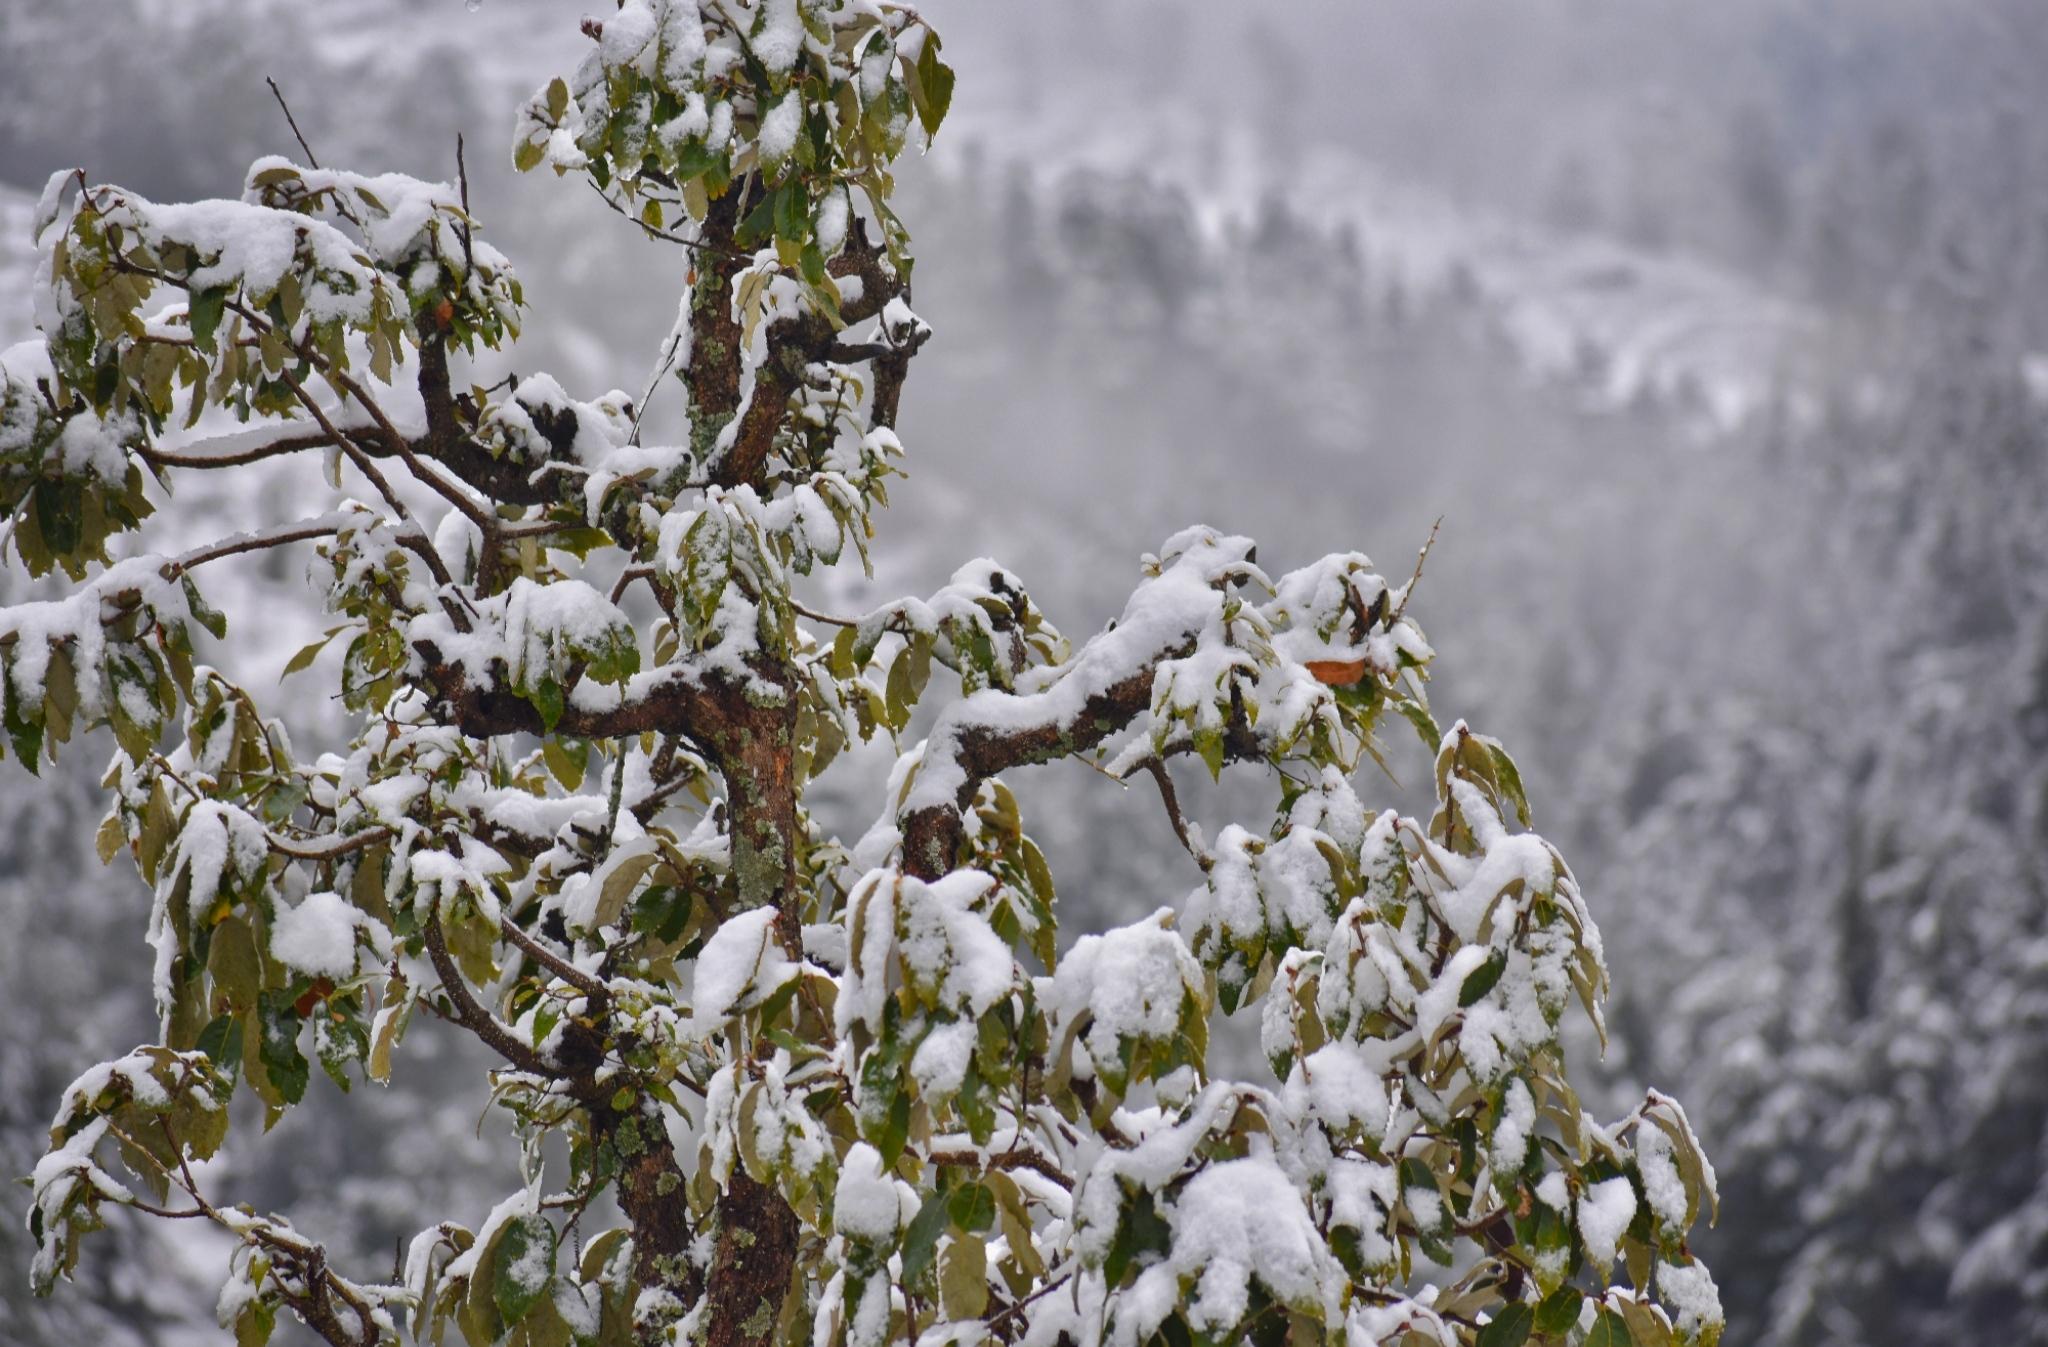 Snowfall on tree